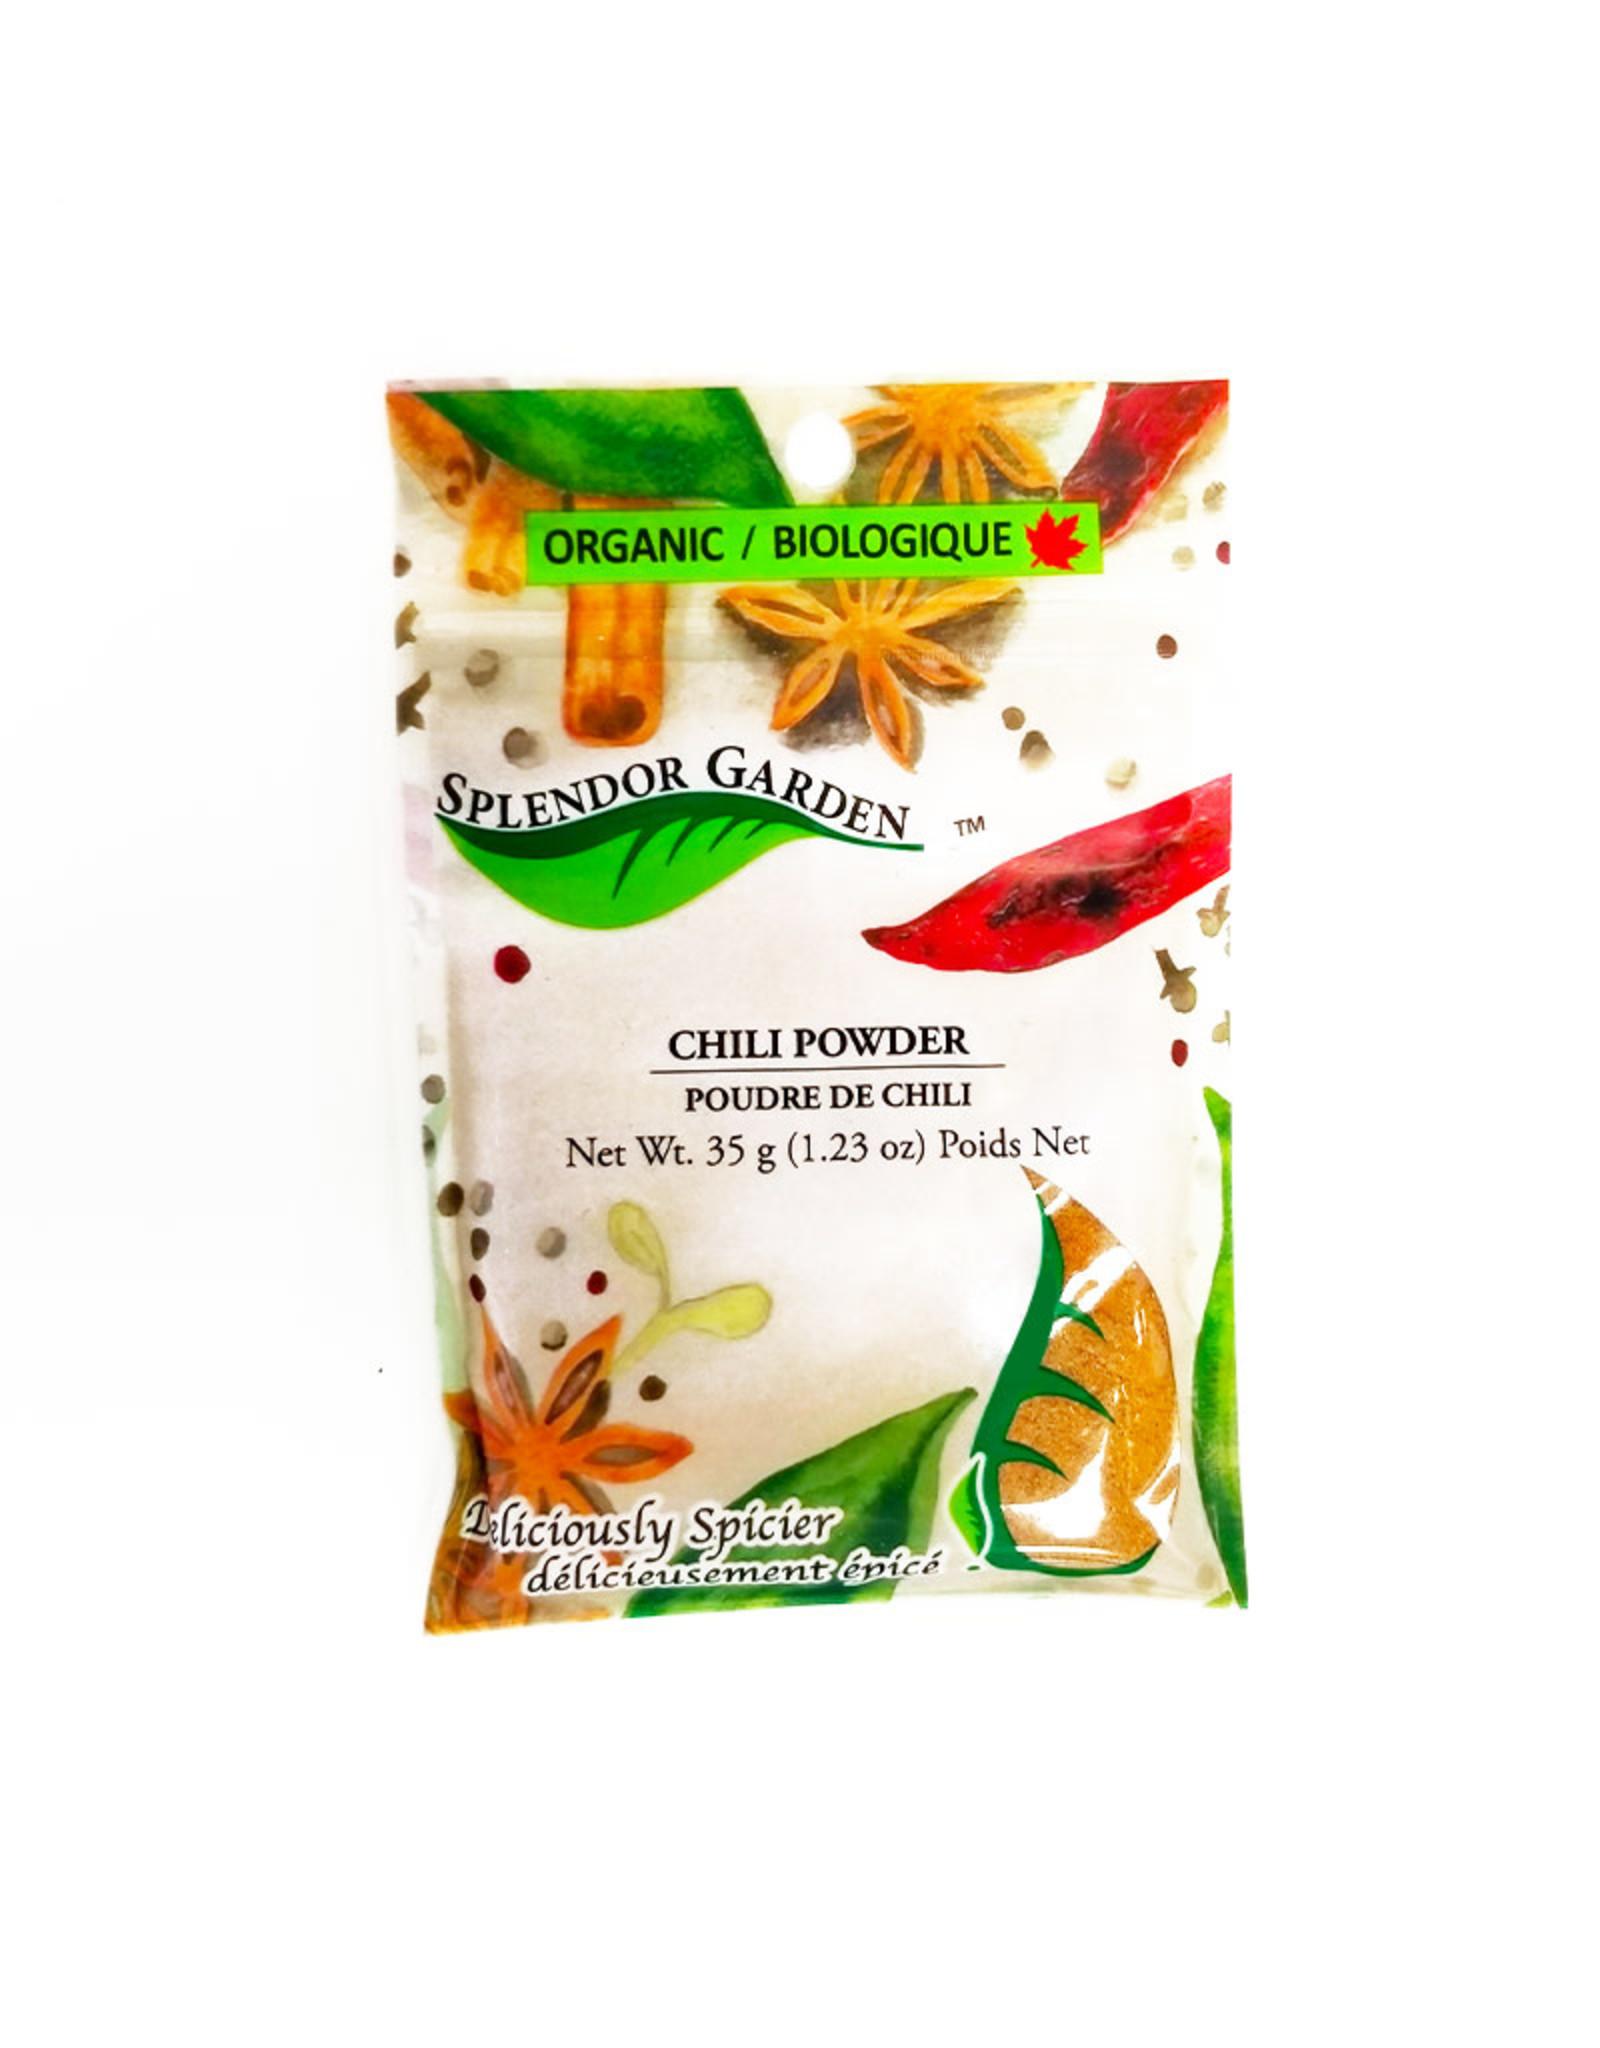 Splendor Garden Splendor Garden - Chili Powder